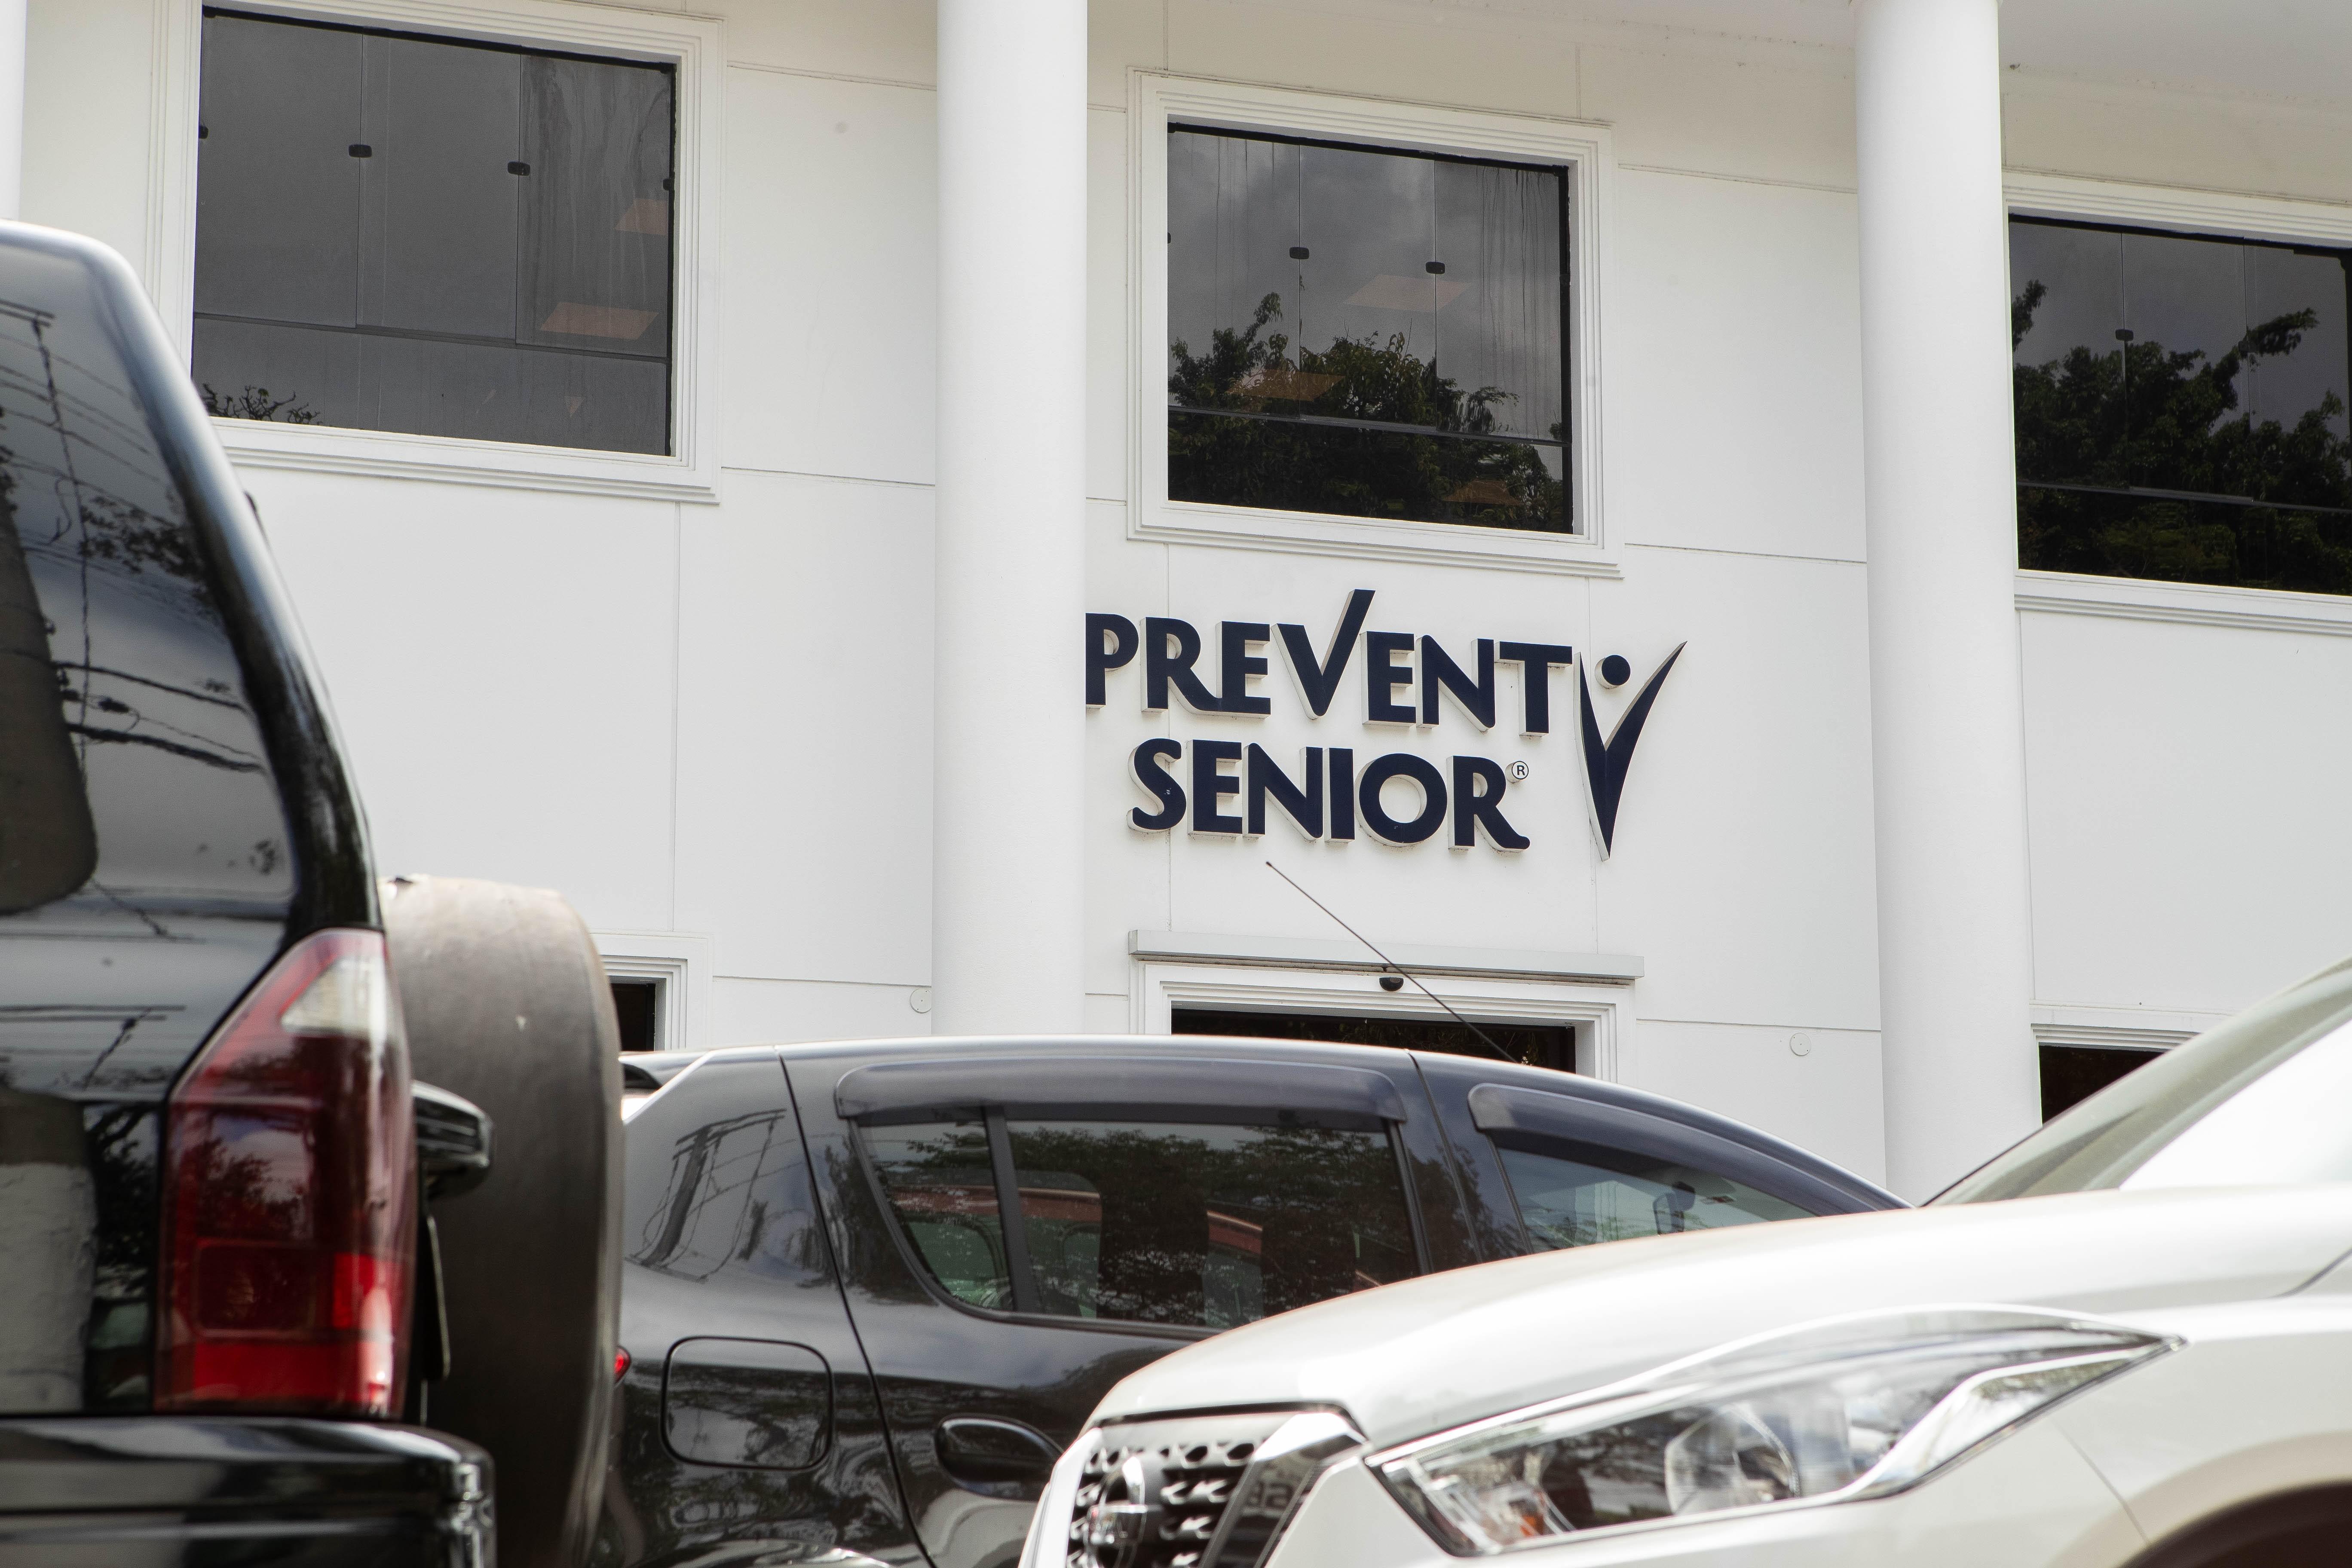 Secretaria da Saúde de SP vai fazer fiscalização em procedimentos da Prevent Senior, diz Doria